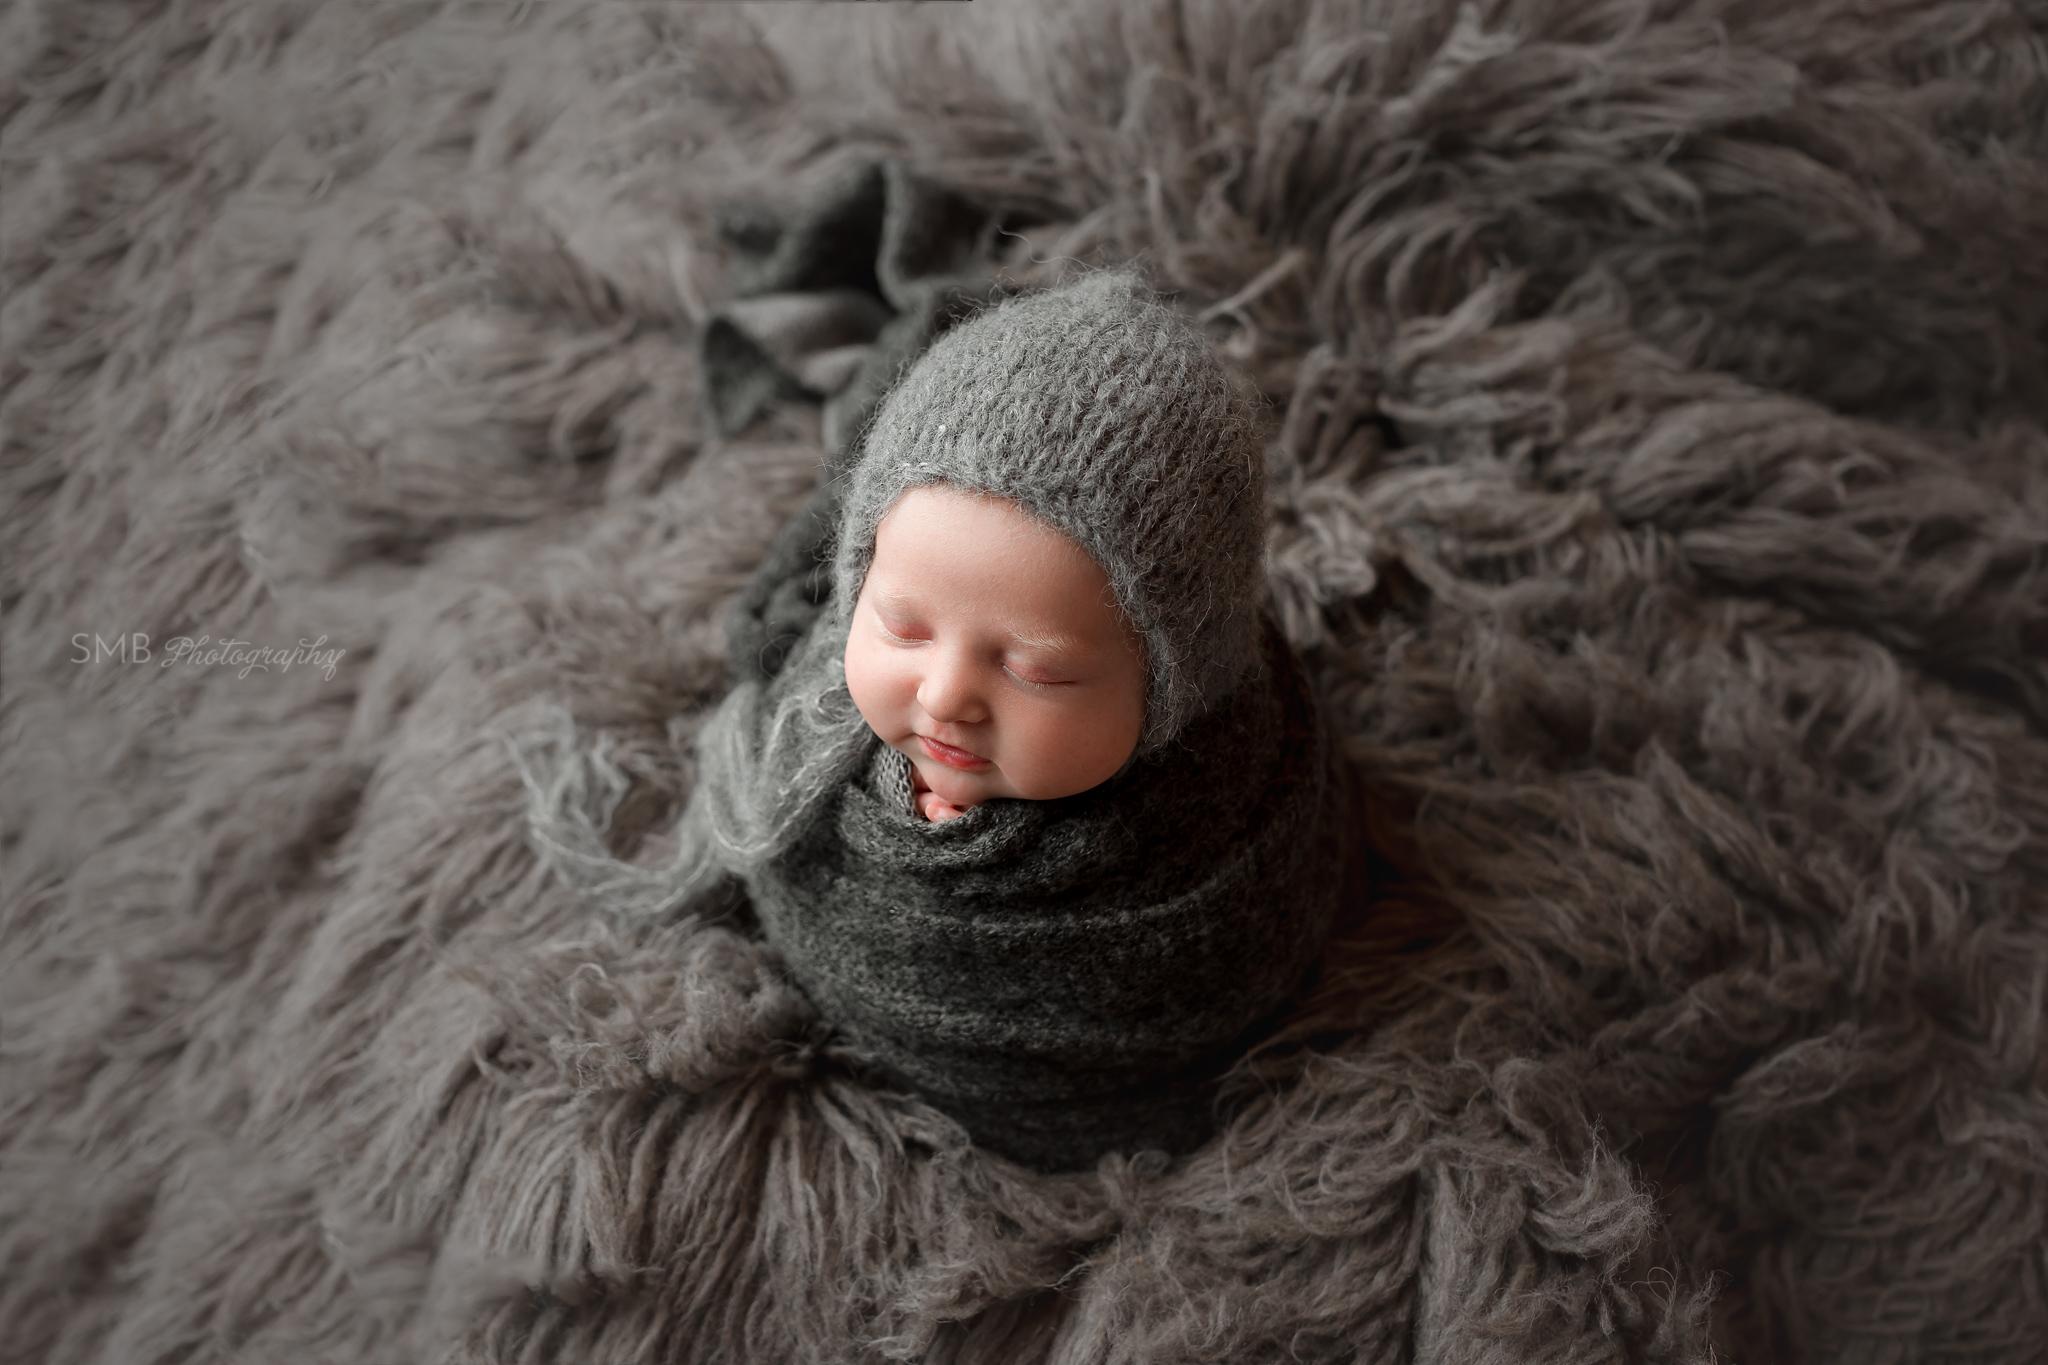 Newborn baby girl smiling